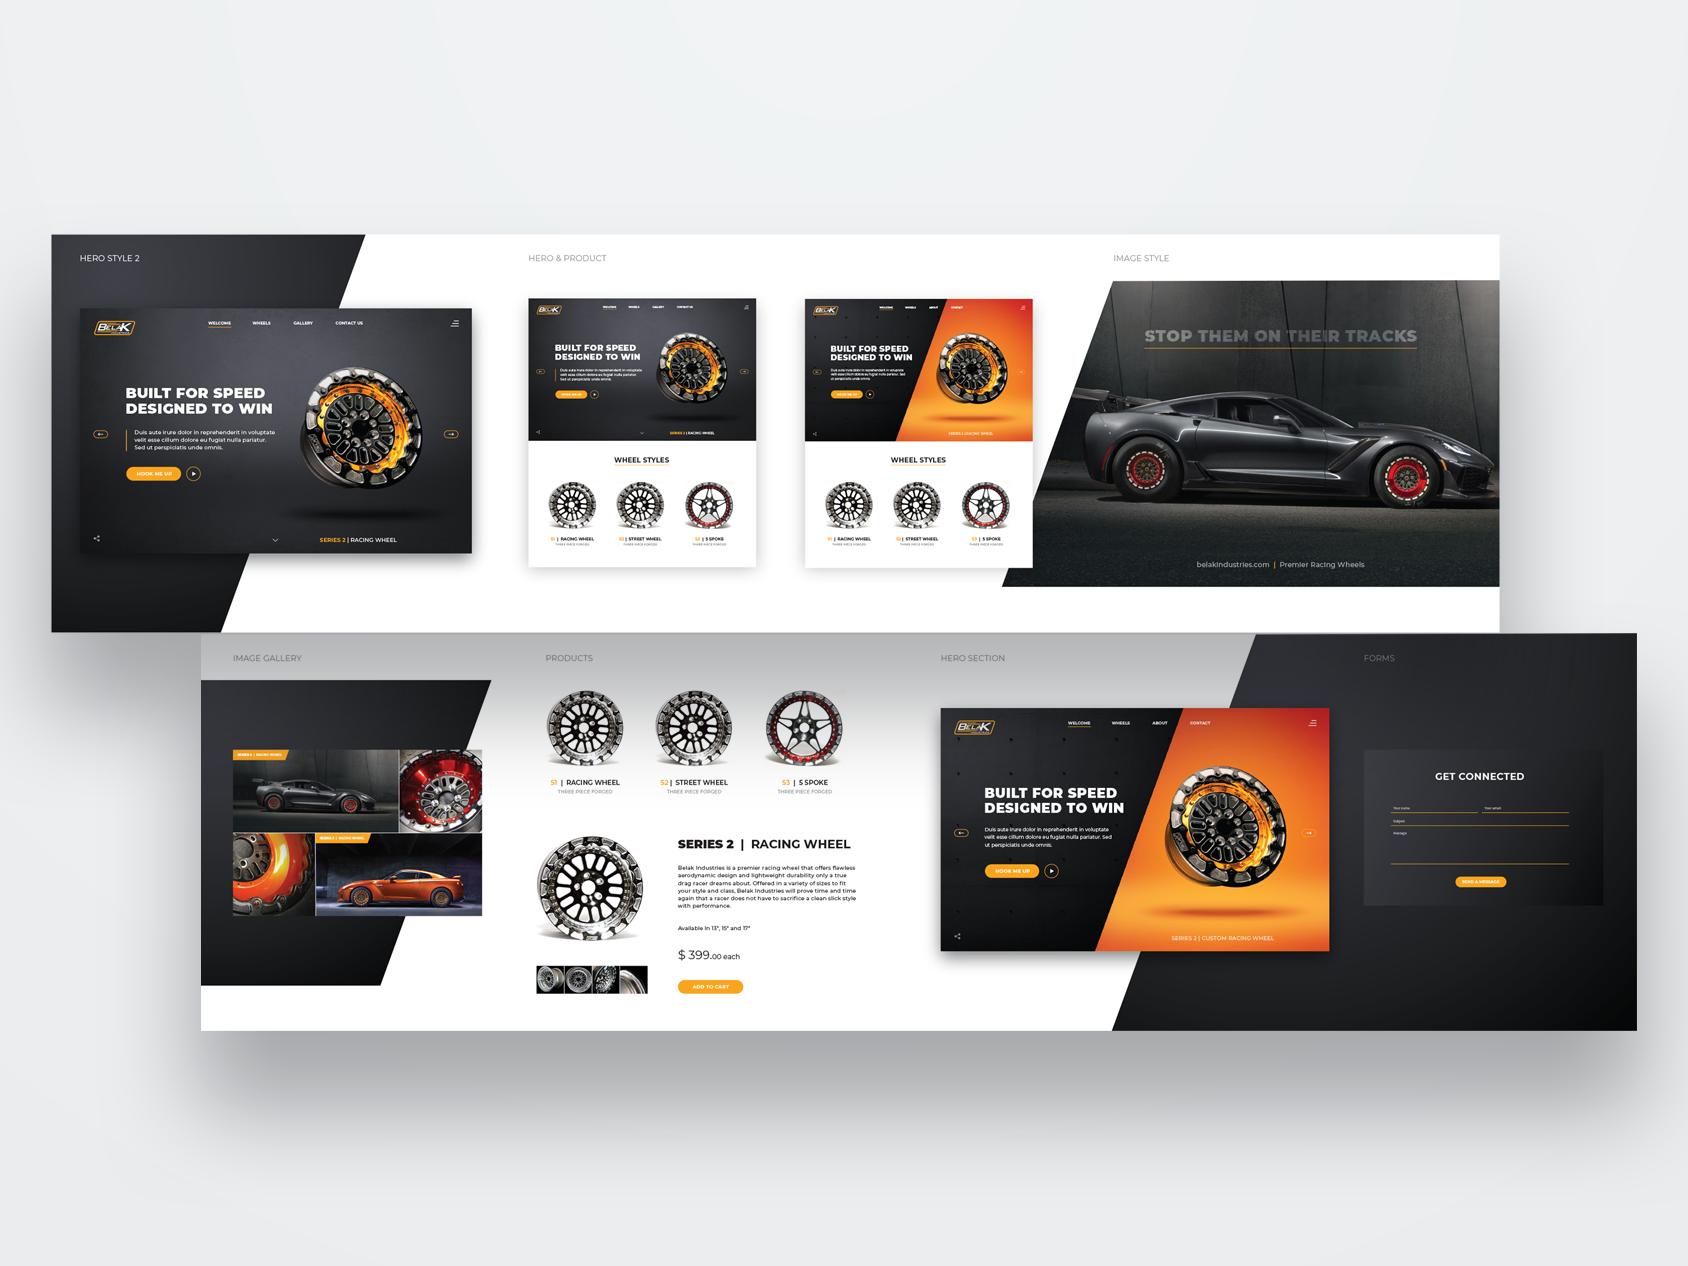 Stylescape Graphic Design: Brand Identity, Brand Identity Design